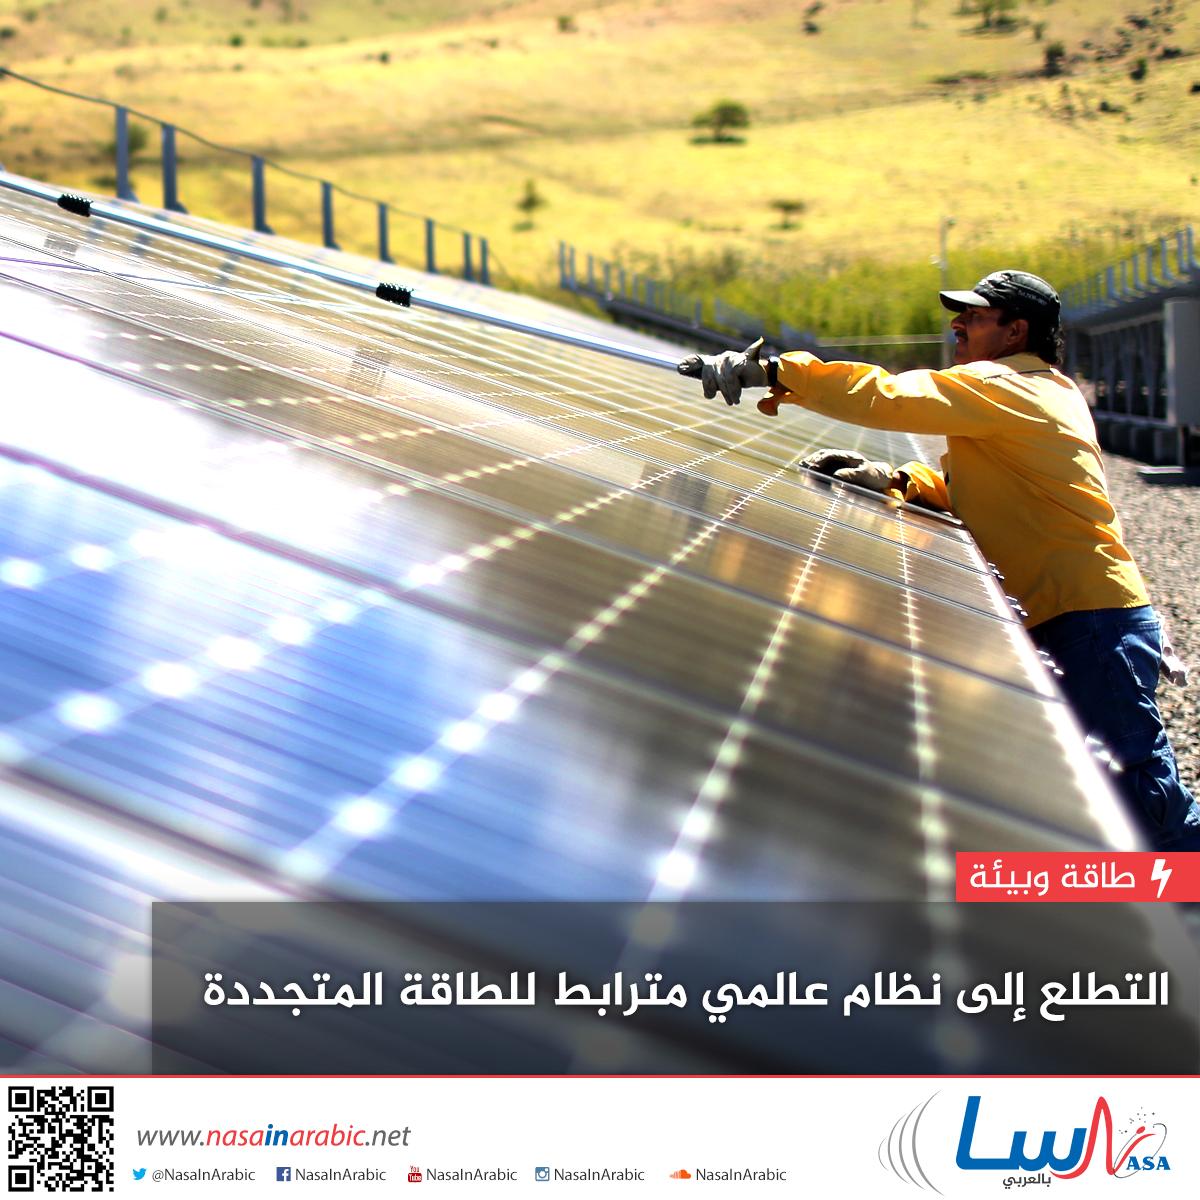 التطلع إلى نظام عالمي مترابط للطاقة المتجددة